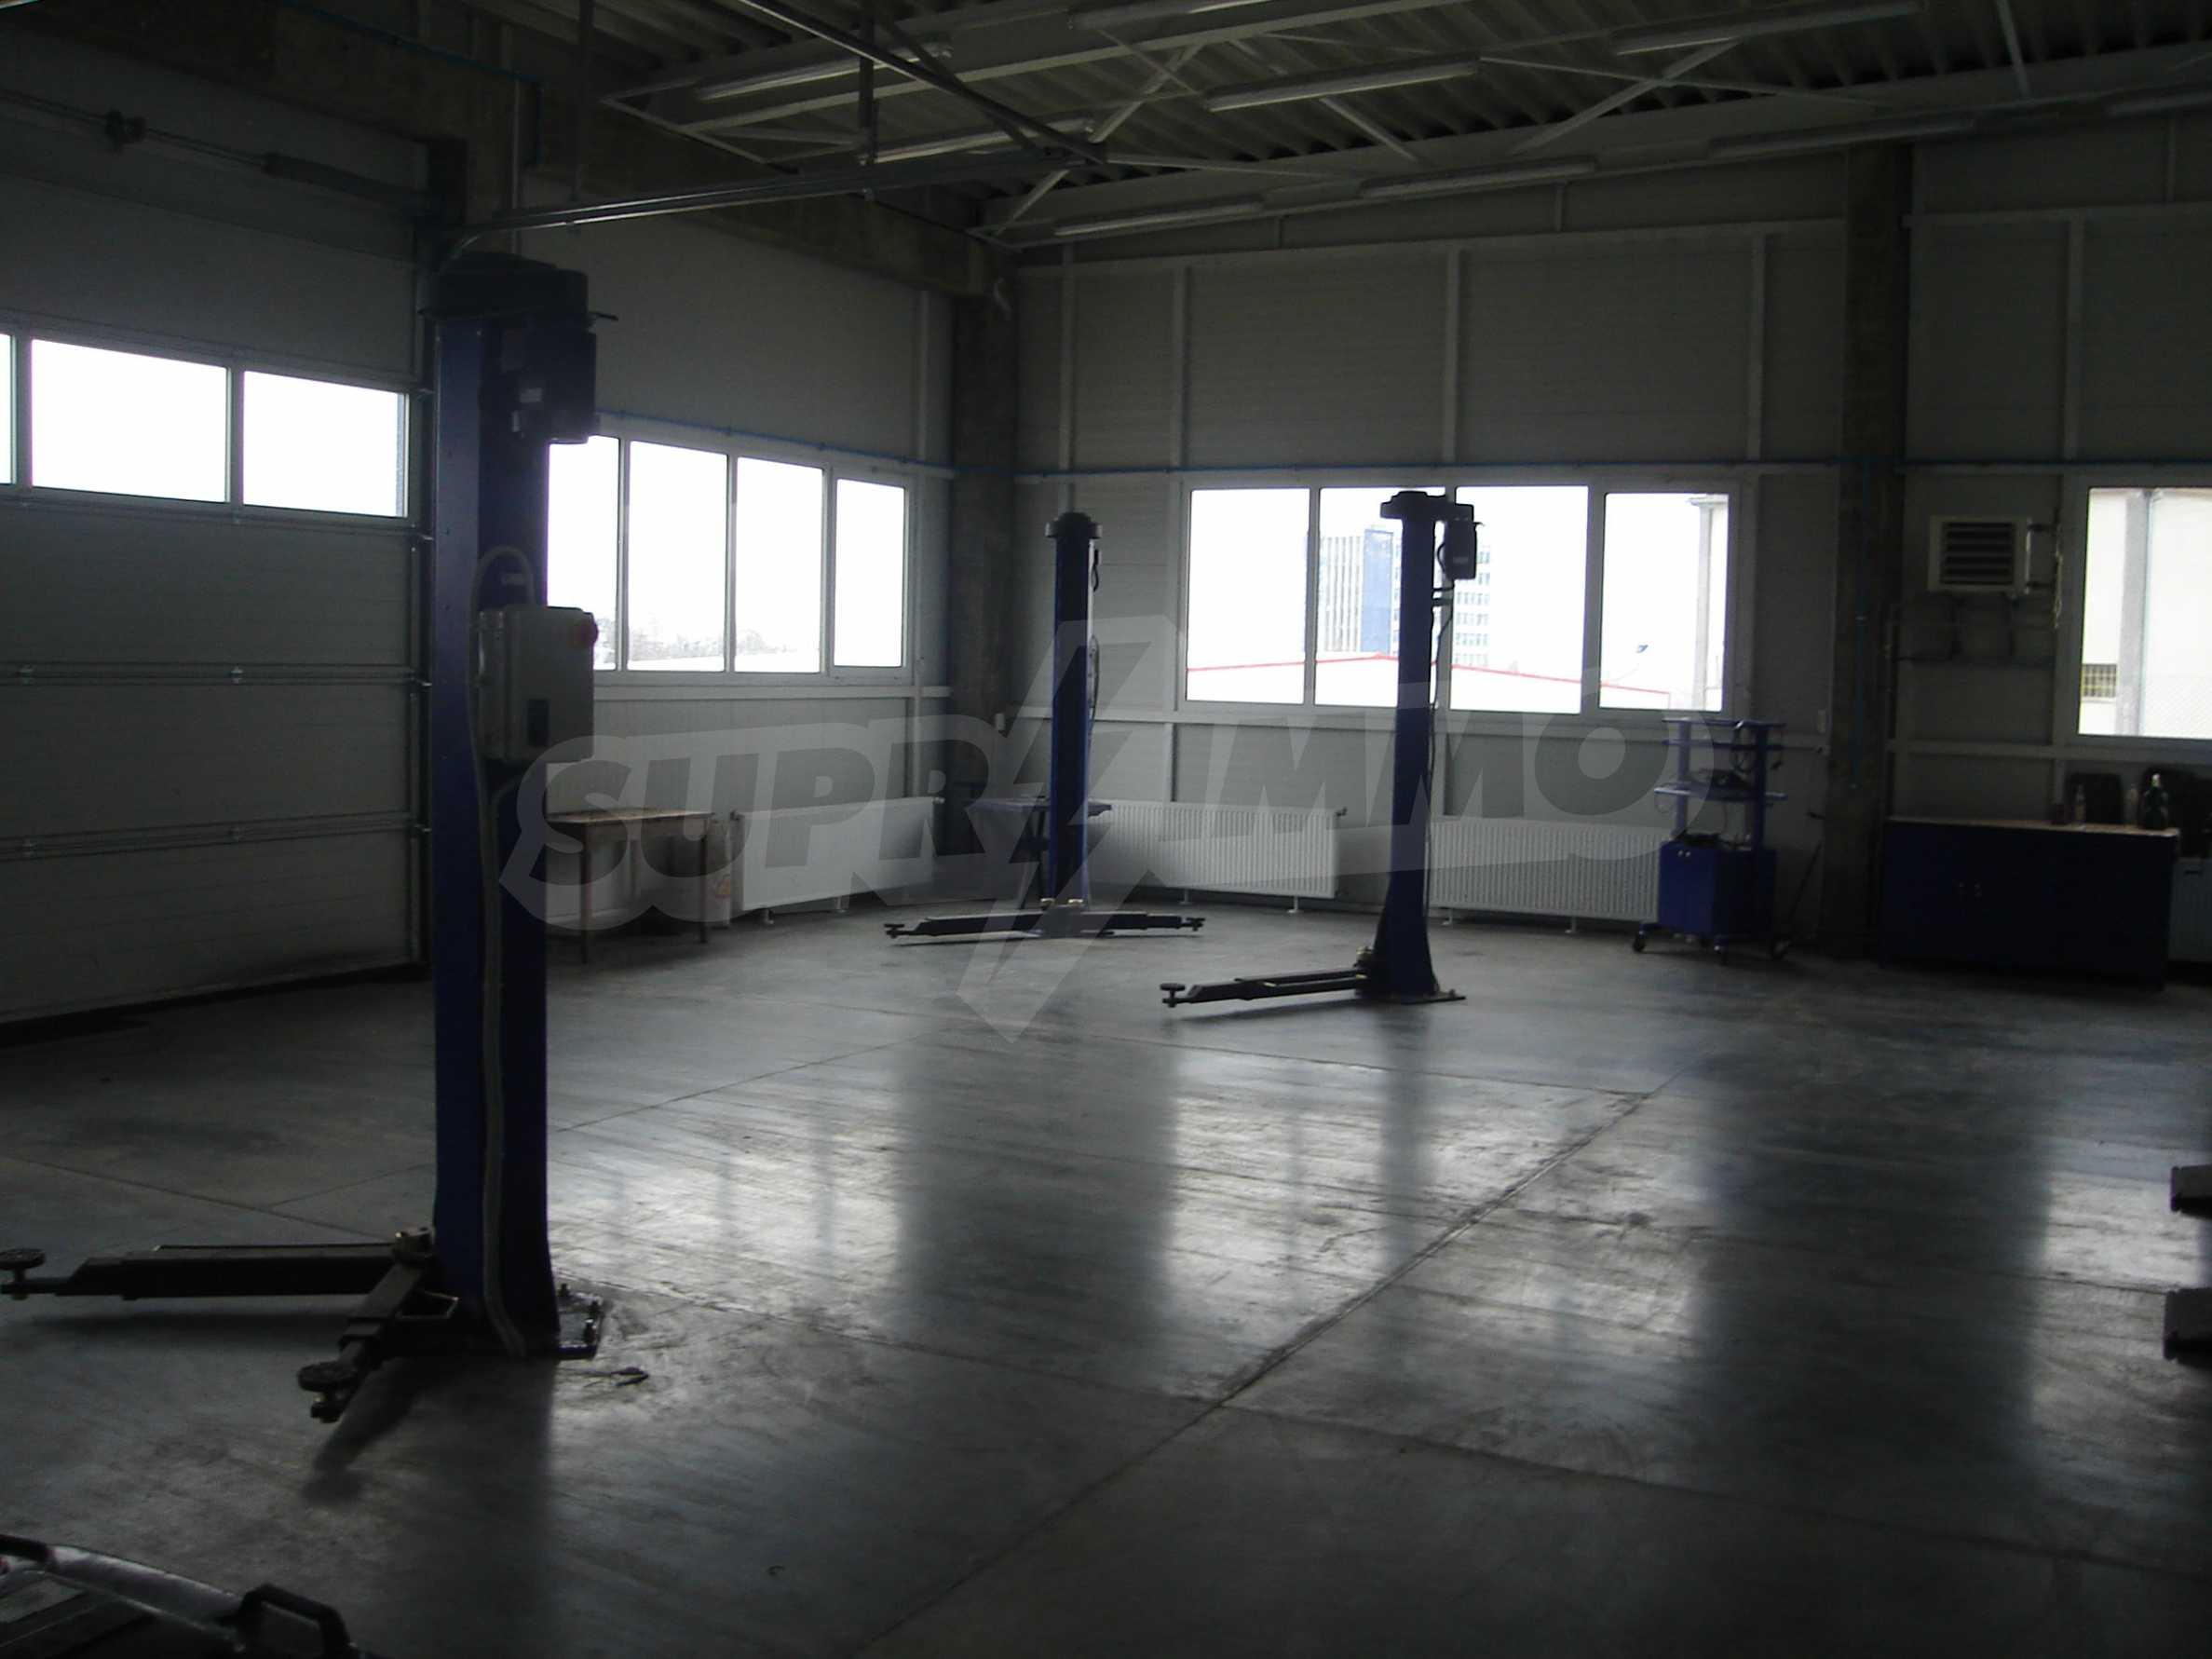 Gewerbe- und Dienstleistungskomplex im Stadtteil Mladost 4